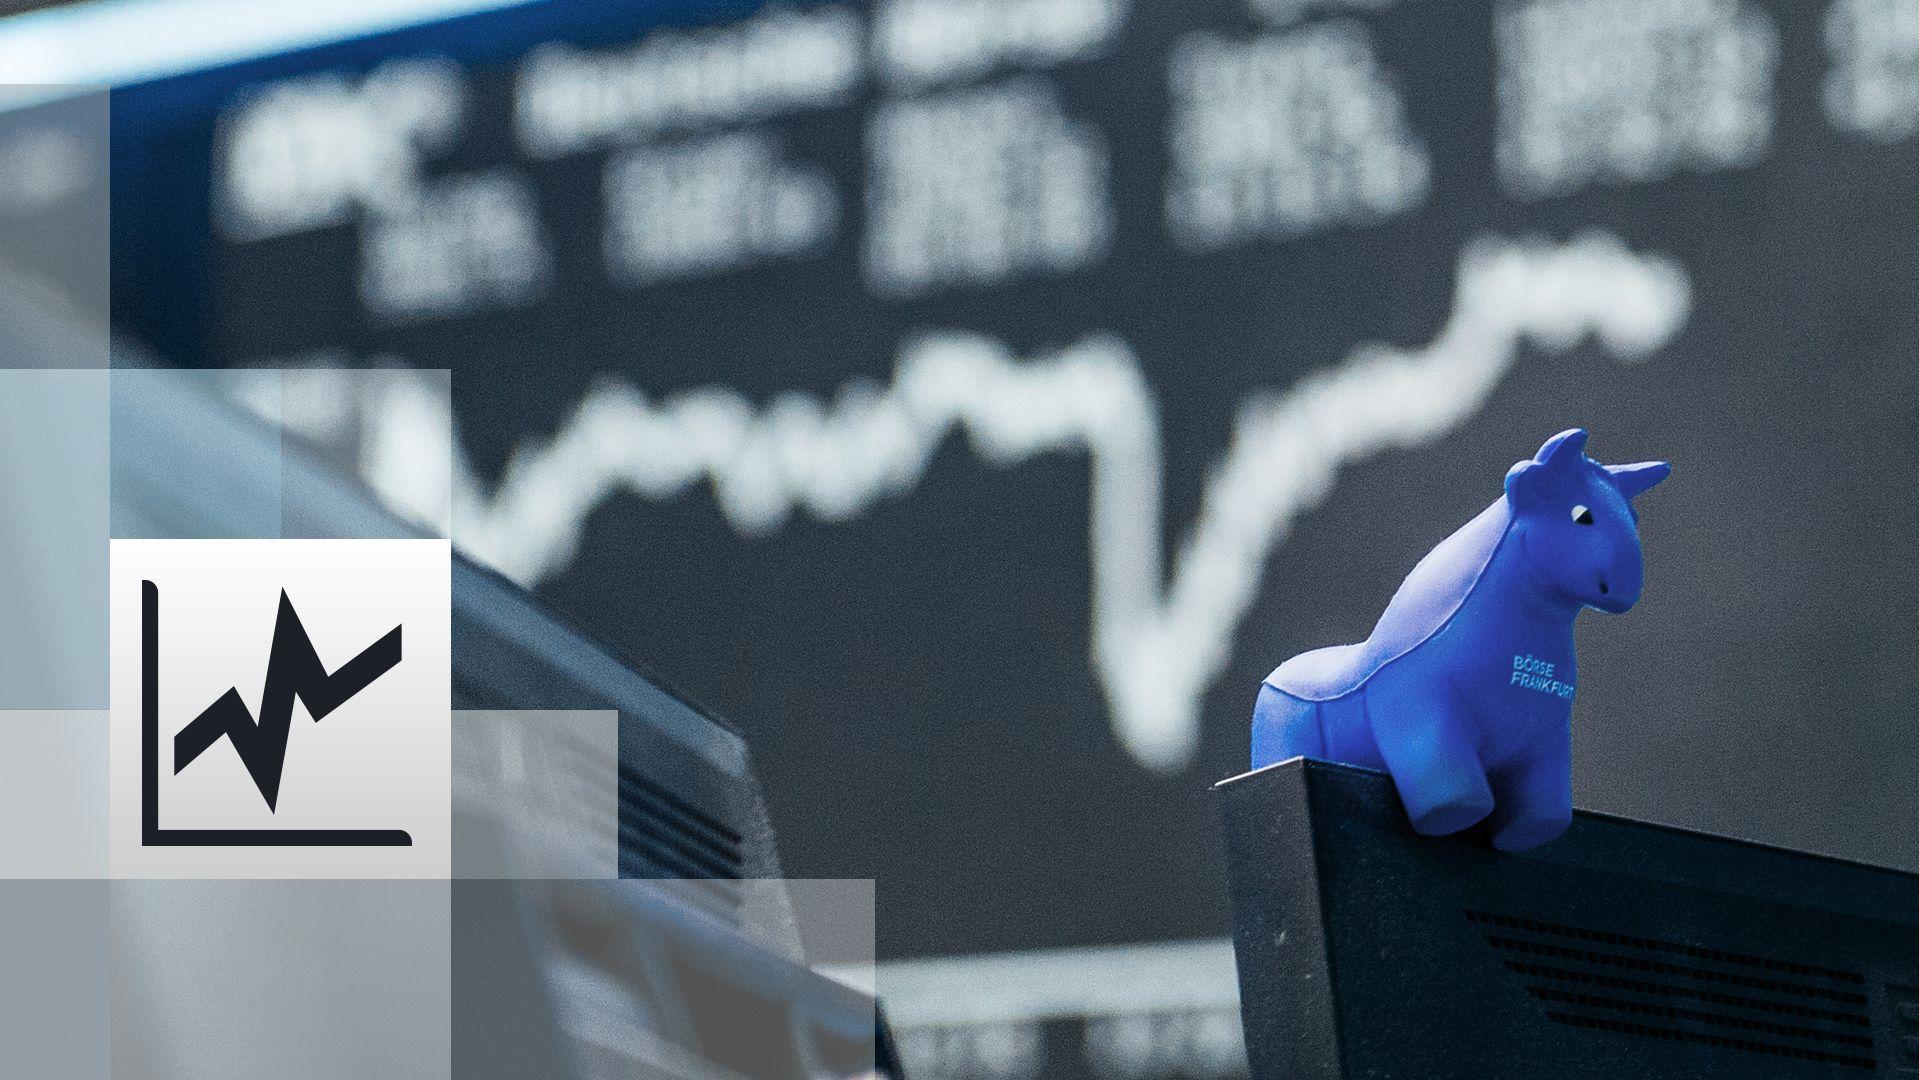 B5 Börse: Vorsicht bei Aktien, Gold gefragt